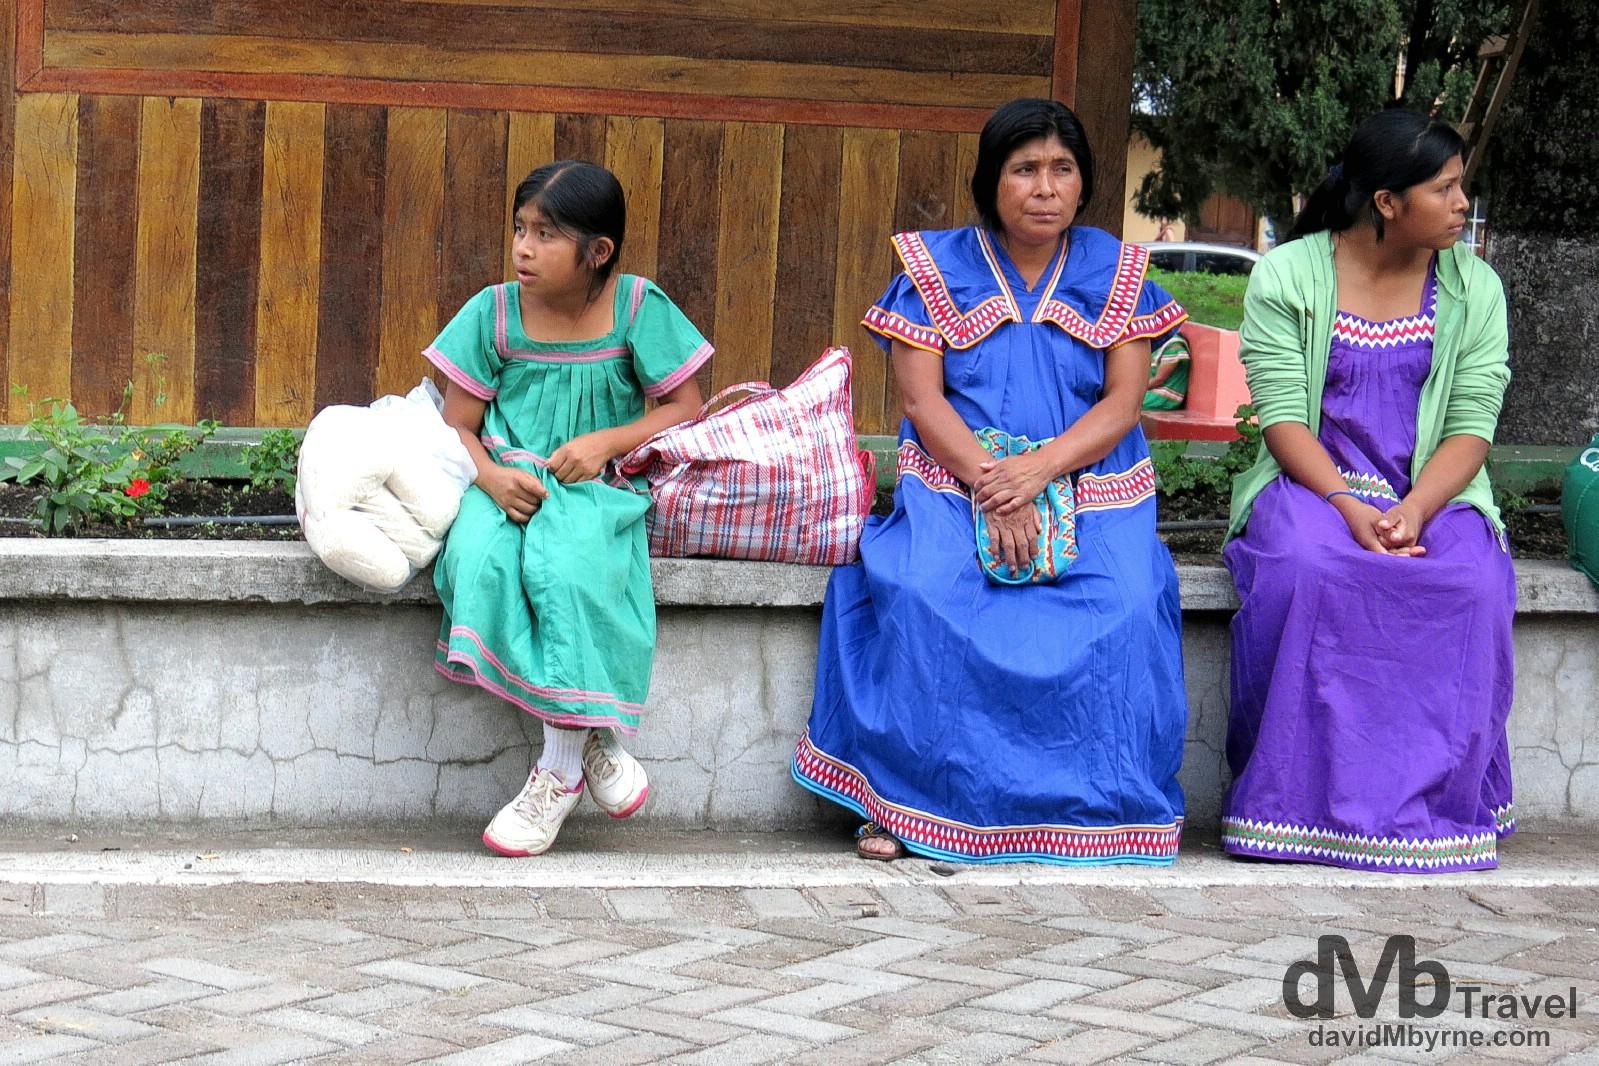 Boquete Panama Central America Worldwide Destination